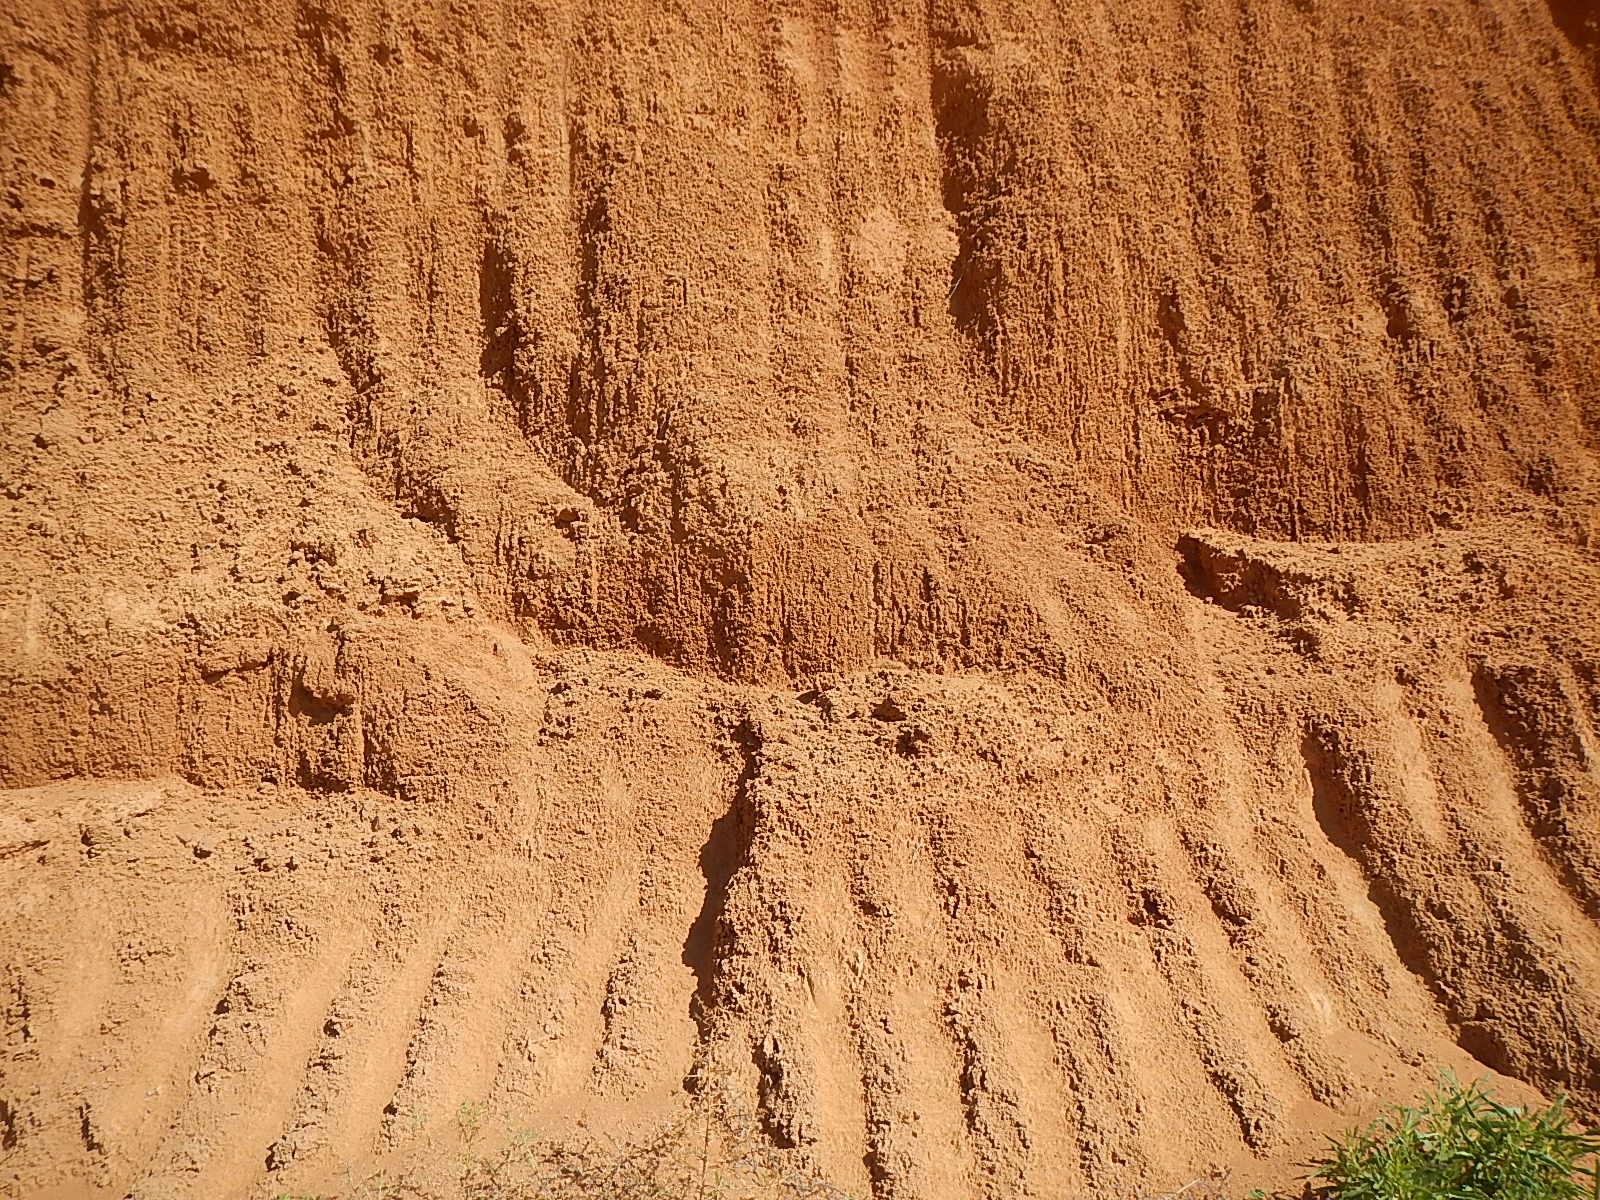 Calcrete - Limestone